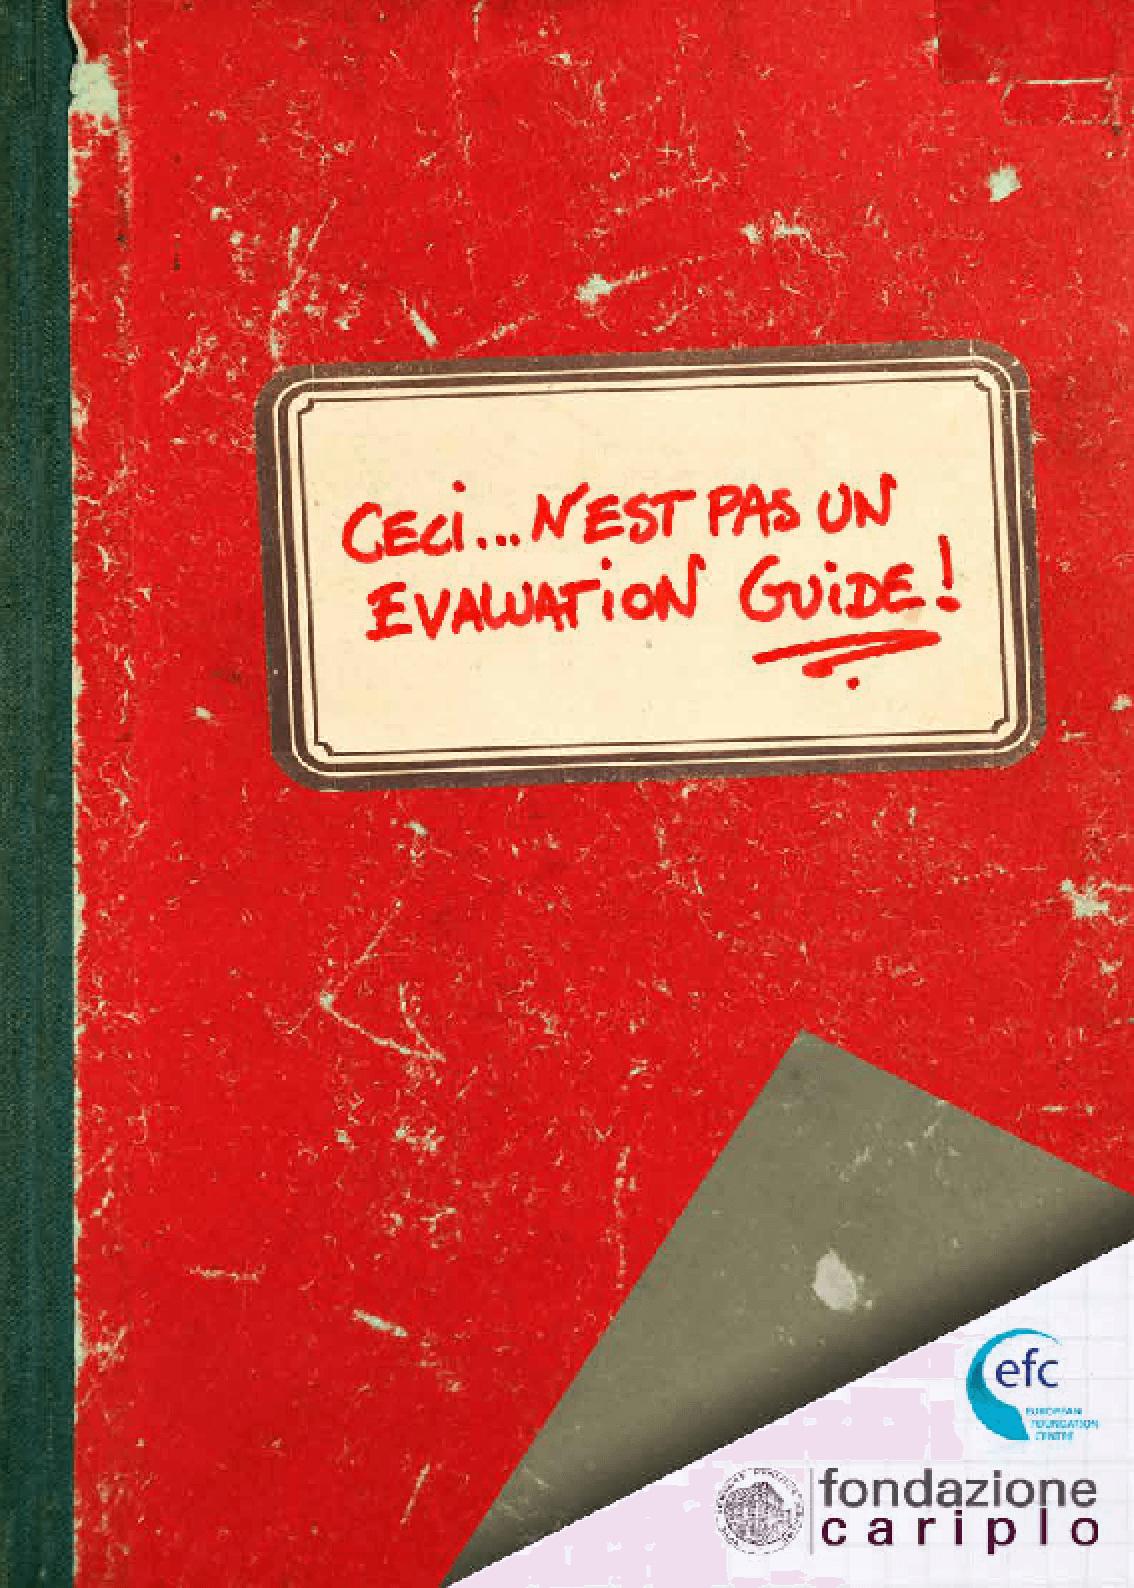 Ceci n'est pas un evaluation guide!